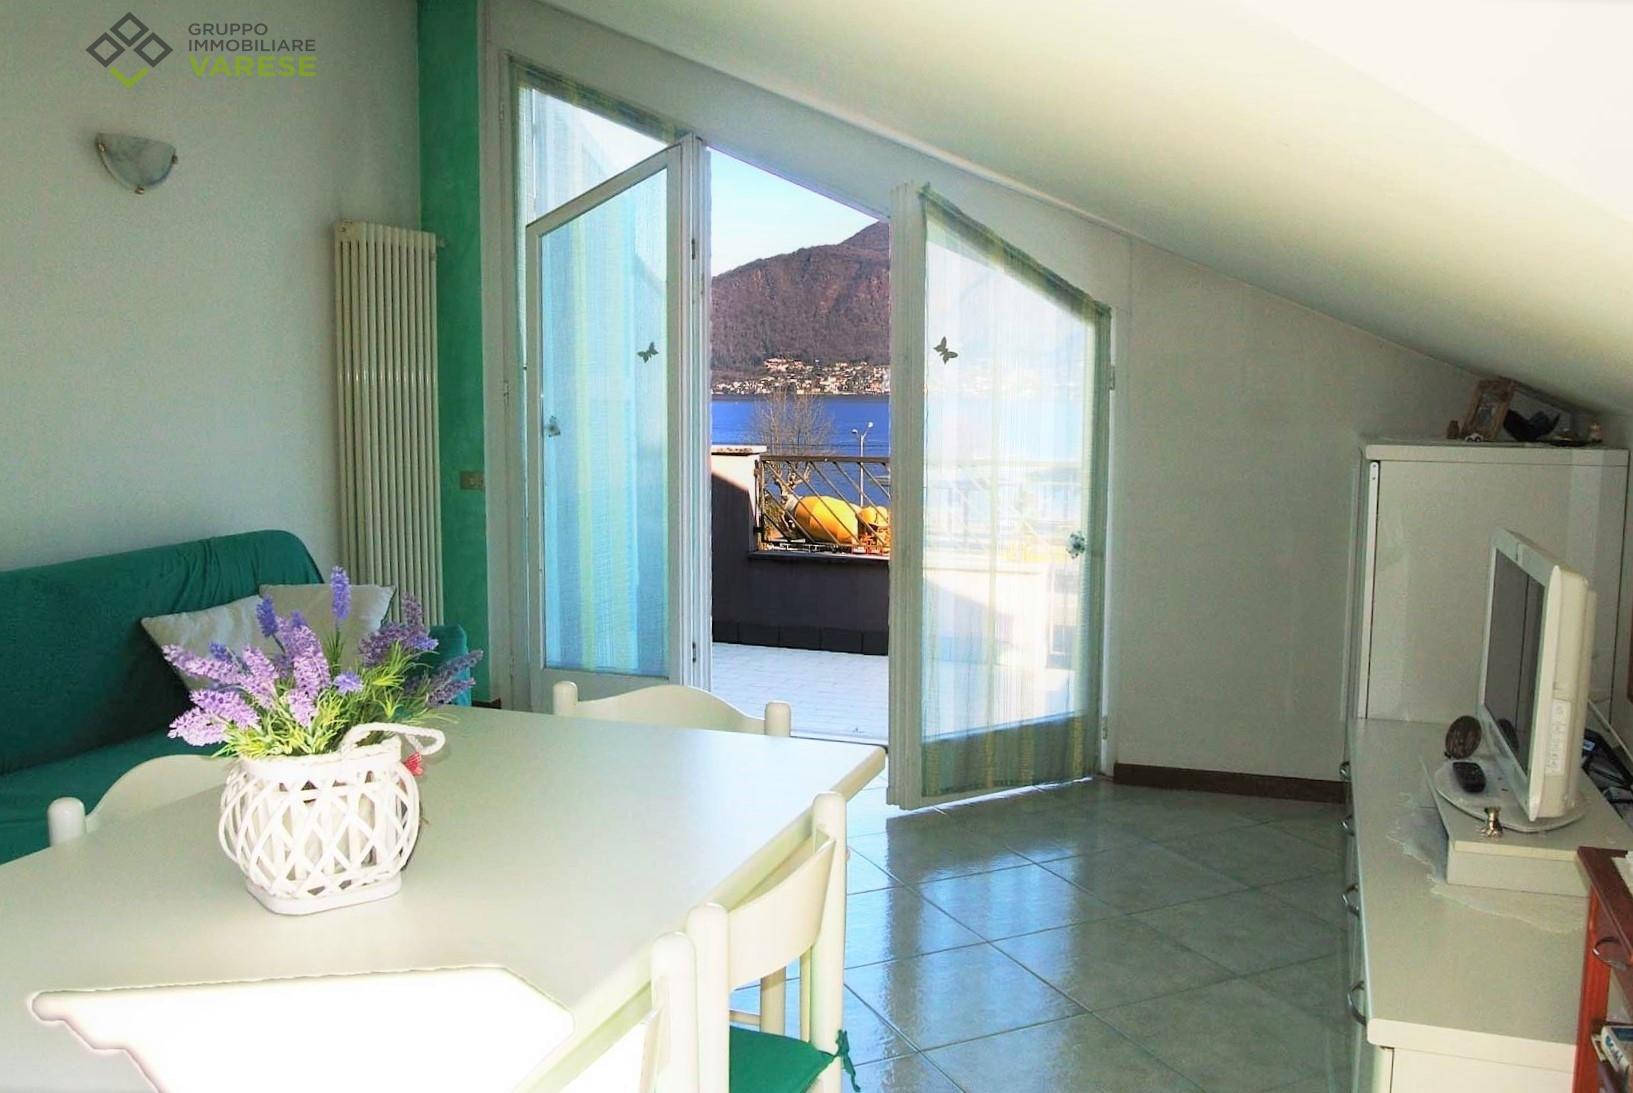 Appartamento in vendita a Porto Ceresio, 2 locali, prezzo € 98.000 | CambioCasa.it